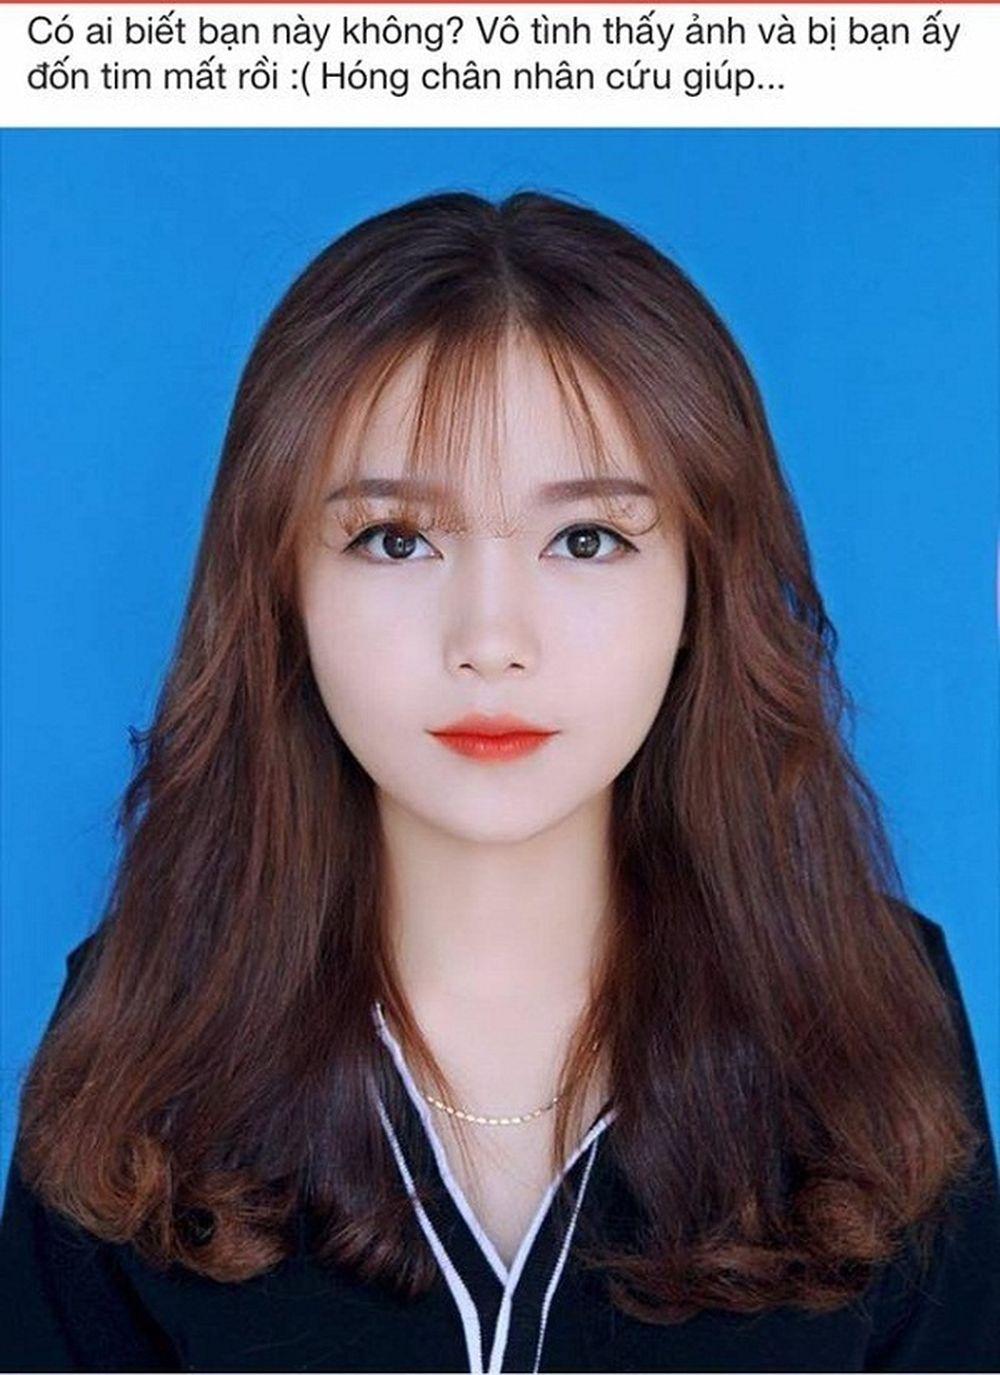 Tấm ảnh thẻ cực xinh như hotgirl của Thanh Nga